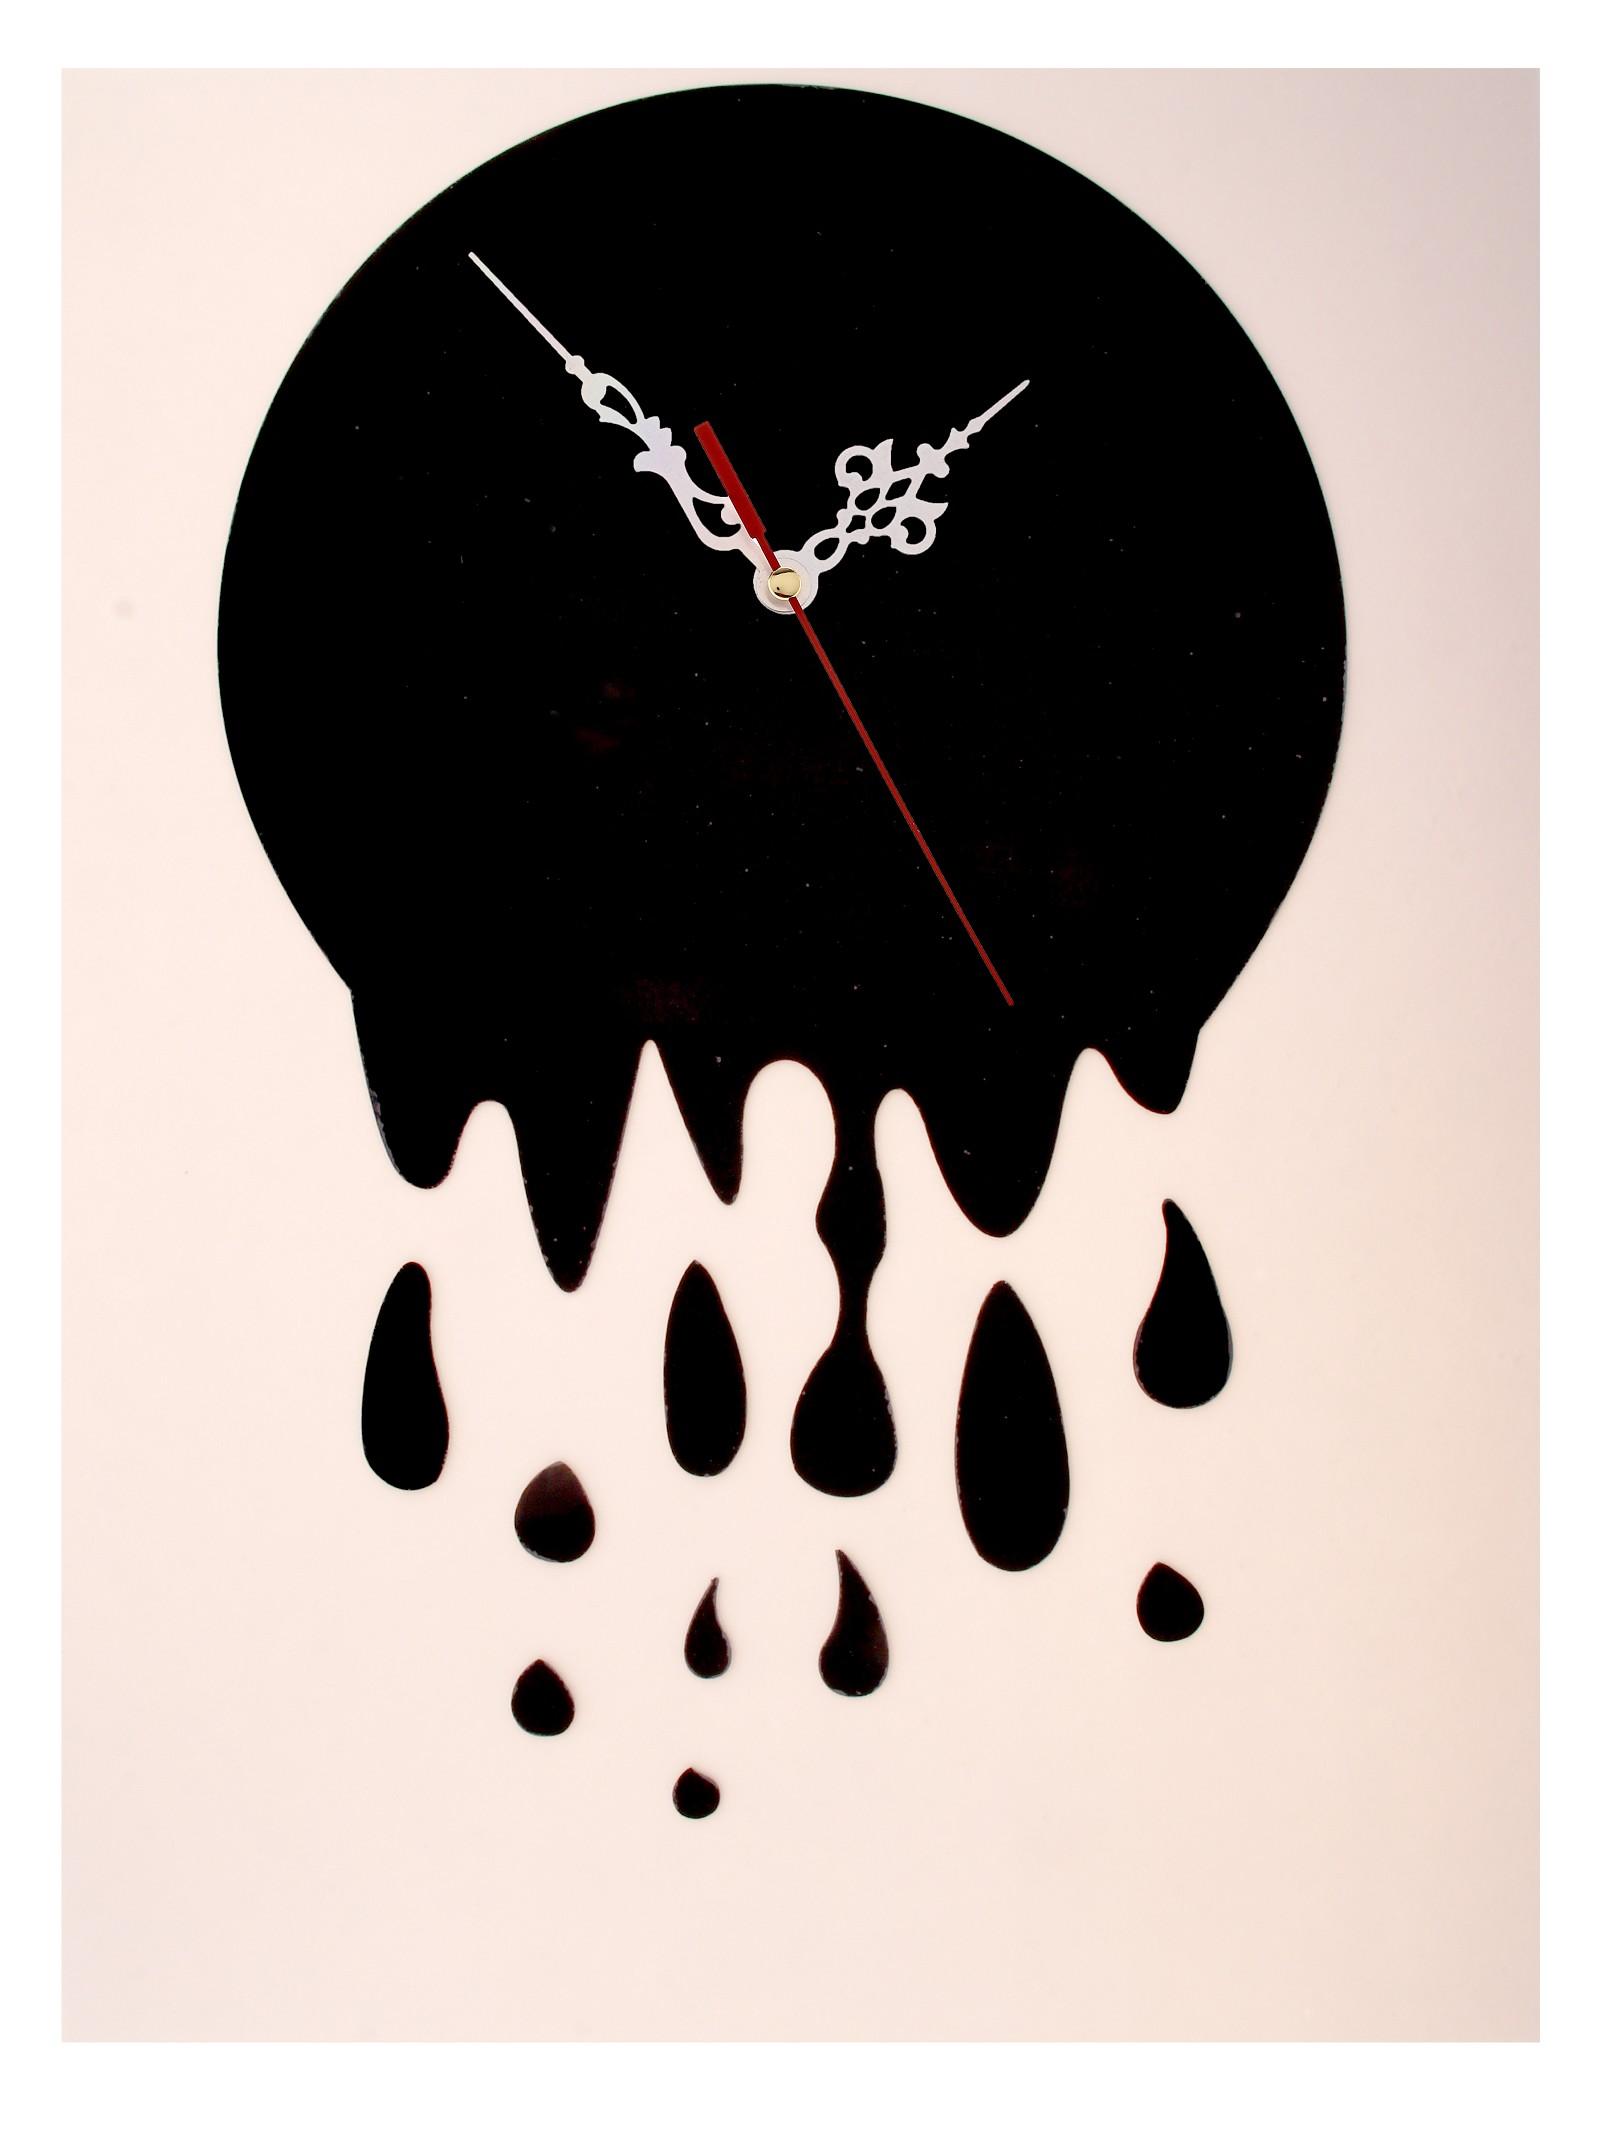 Часы-наклейка Капли, 60 см х 44 см. 72954894672Часы-наклейка Капли изготовлены из пластика черного цвета с глянцевой поверхностью. Часы выполнены в виде круглого основания (циферблат), в которое вставляется часовой механизм со стрелками. Для большего декоративного эффекта к основанию прилагаются дополнительные наклейки в виде капелек.Если Вы – любитель перестановок или вам приходится часто переезжать, то часы-наклейка многоразового использования – это то, что вам нужно: они не требуют гвоздей в стене и фиксации на одном месте.Легкие и компактные они украсят интерьер и никогда не примелькаются. Характеристики:Материал: пластик. Цвет: черный. Диаметр основания: 32 см. Размер композиции: 60 см х 44 см. Длина стрелки: 12 см. Изготовитель: Китай. Артикул: 729548.